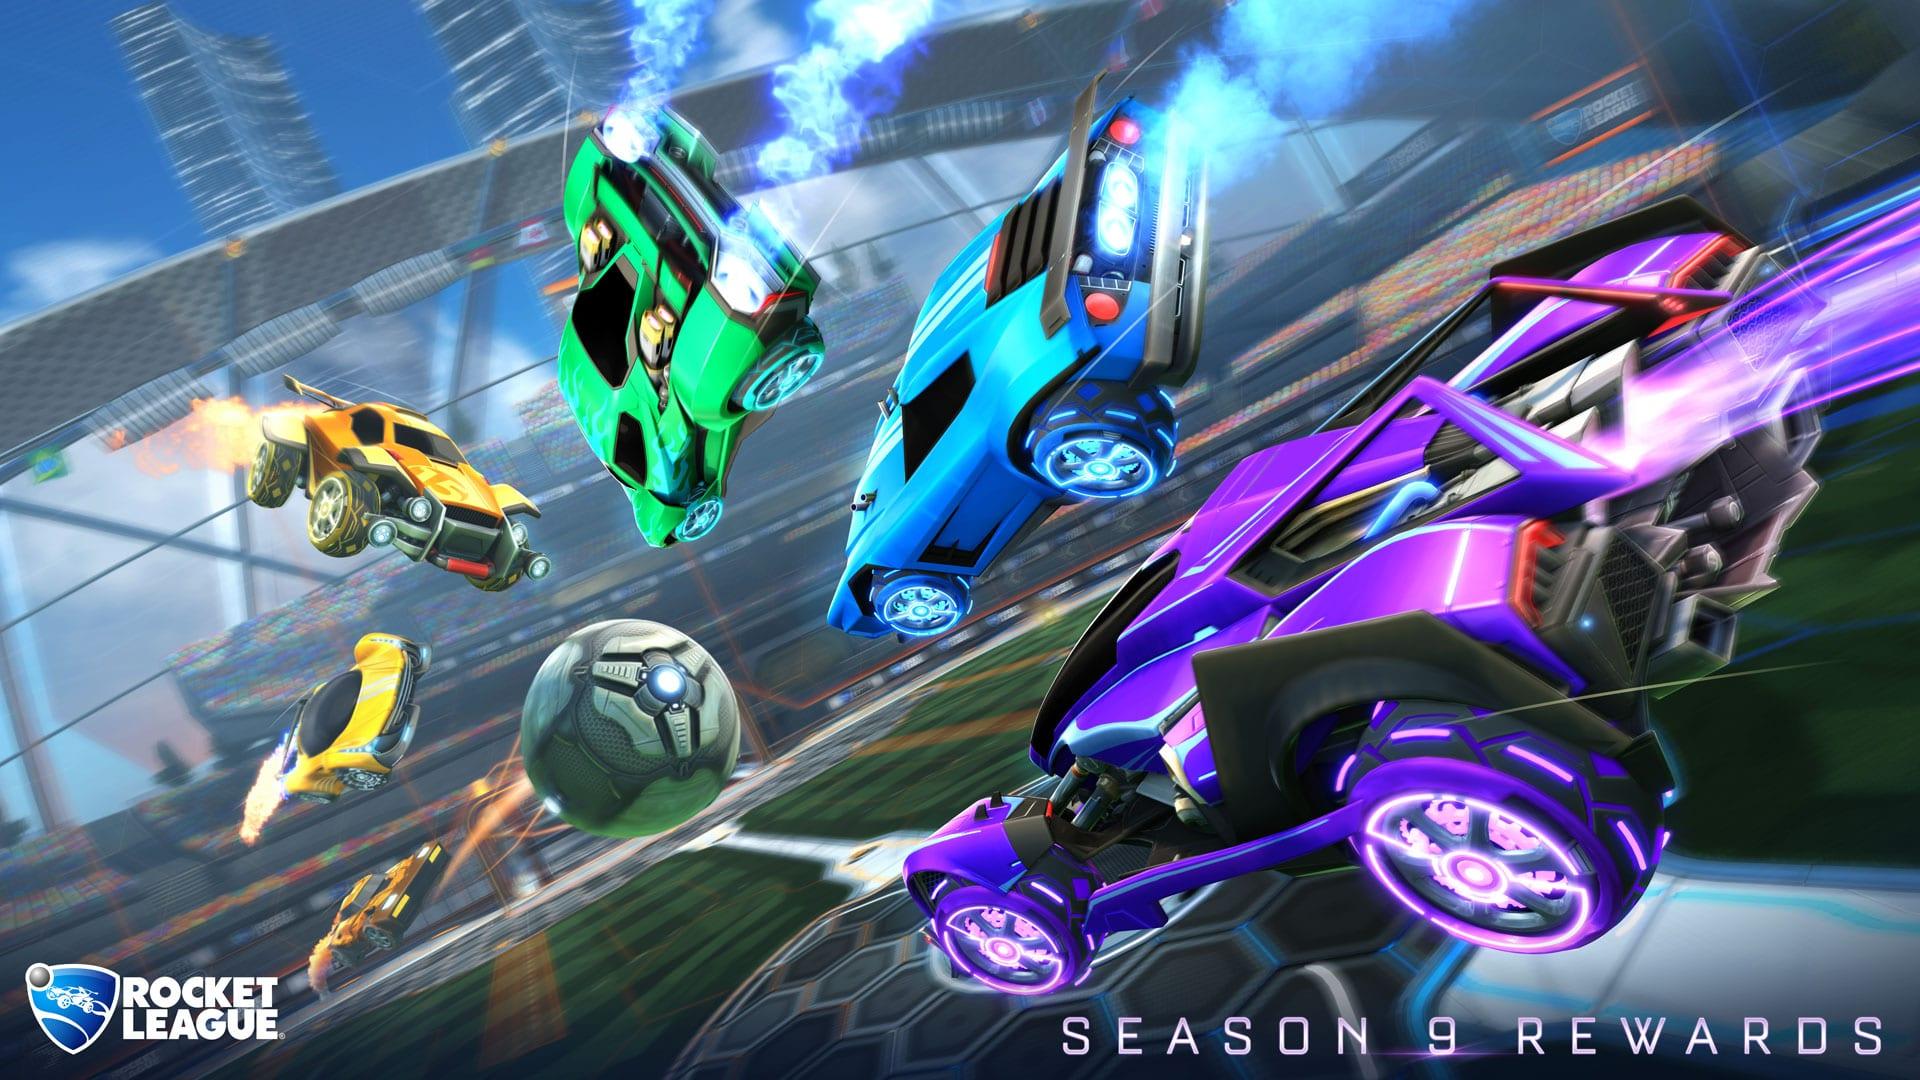 Recompensas de la temporada 9 de Rocket League - Full Esports